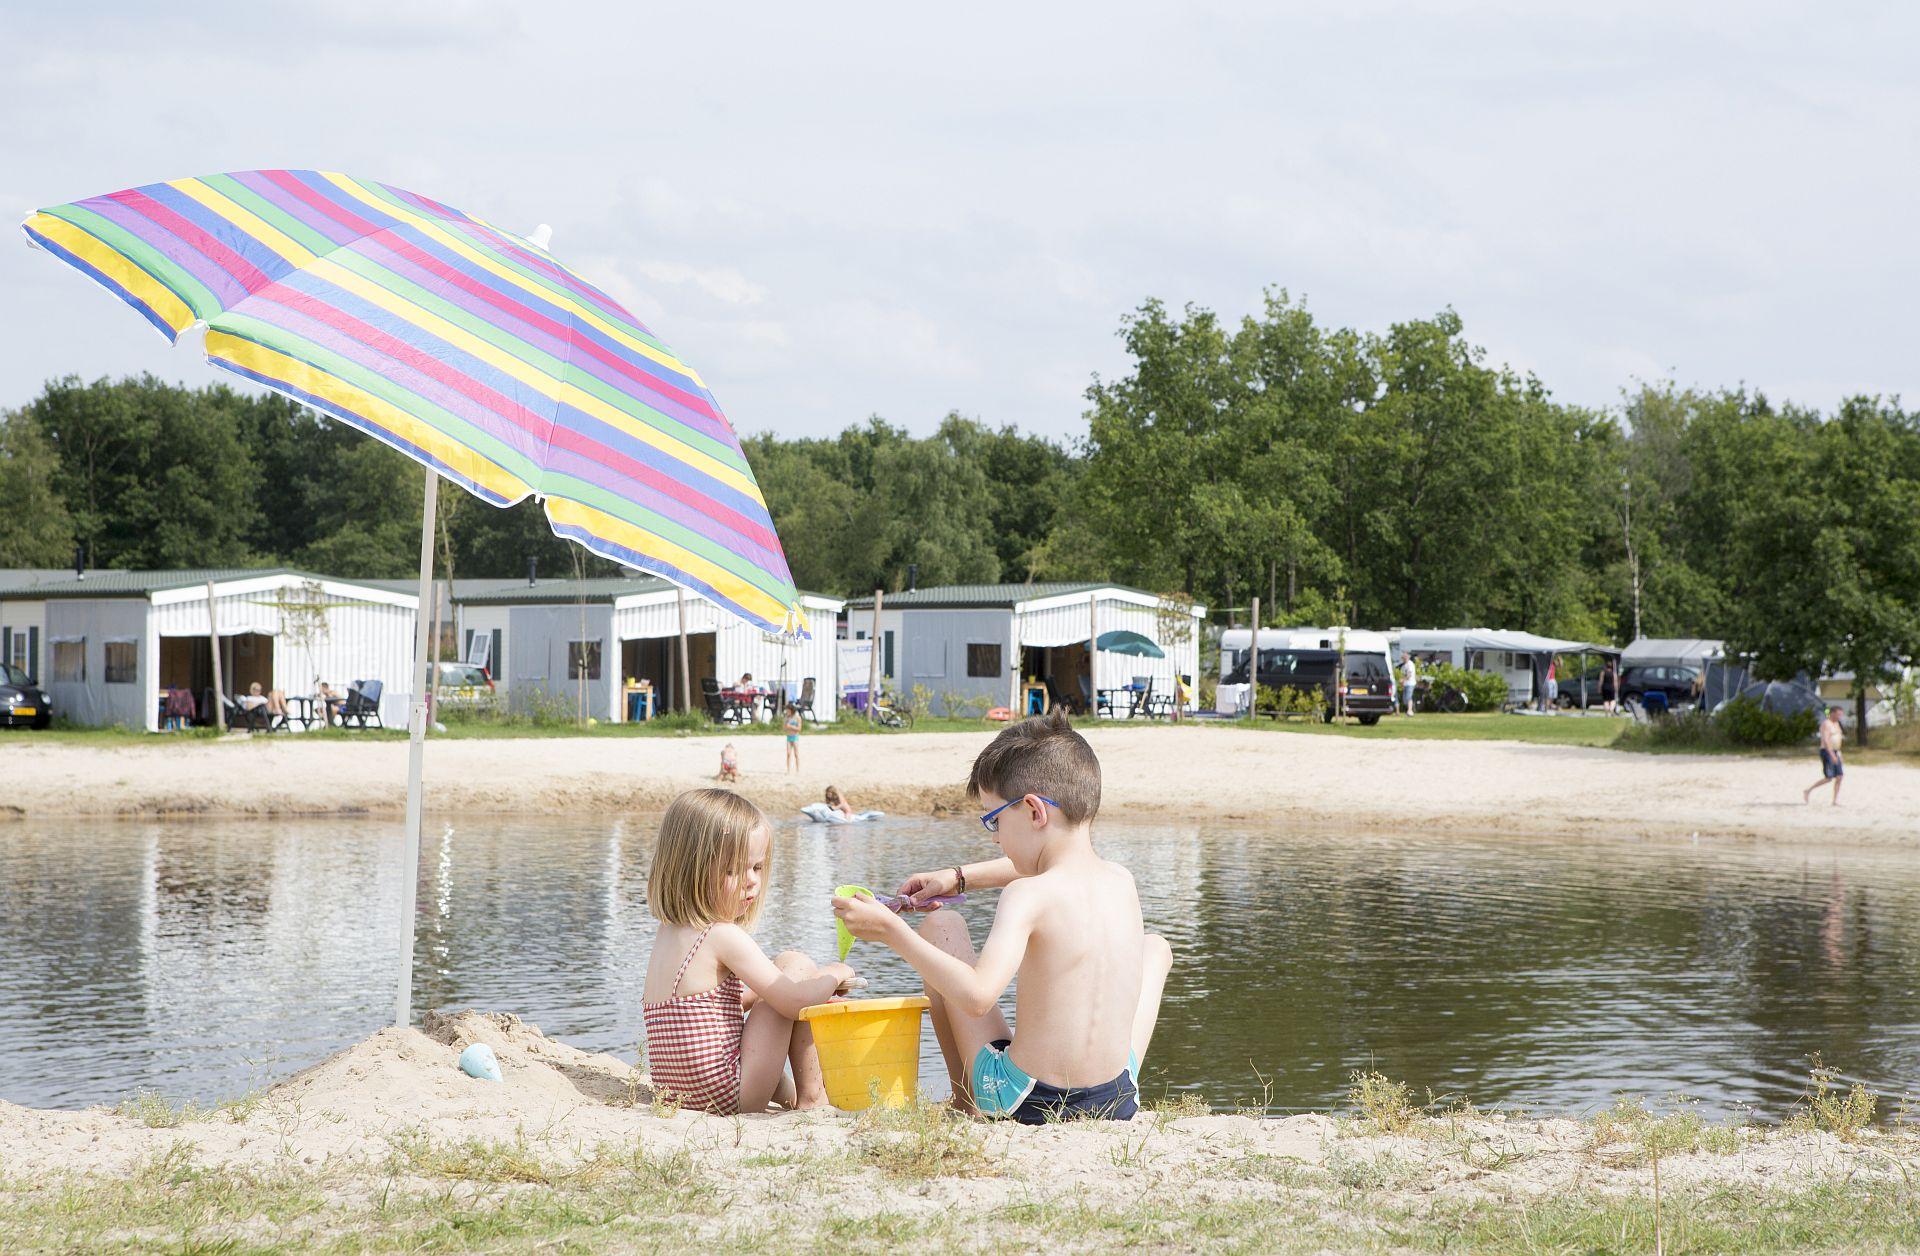 Strandvakantie in Overijssel op een 5 sterren camping - Strandvakantie in Overijssel